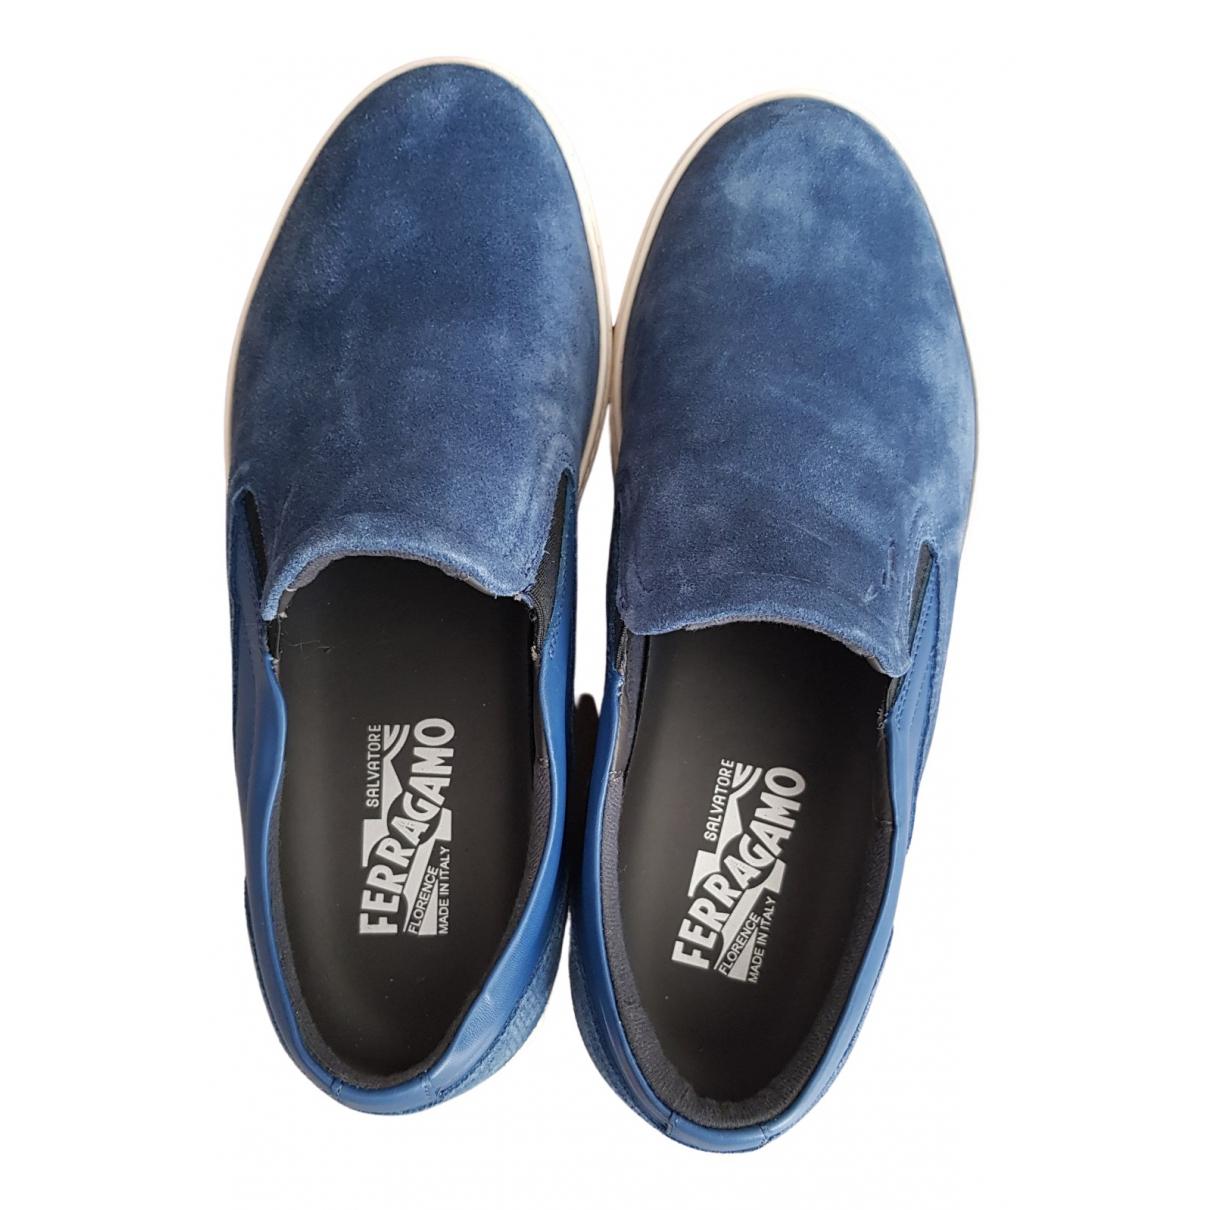 Salvatore Ferragamo - Baskets Slip-On pour homme en suede - bleu